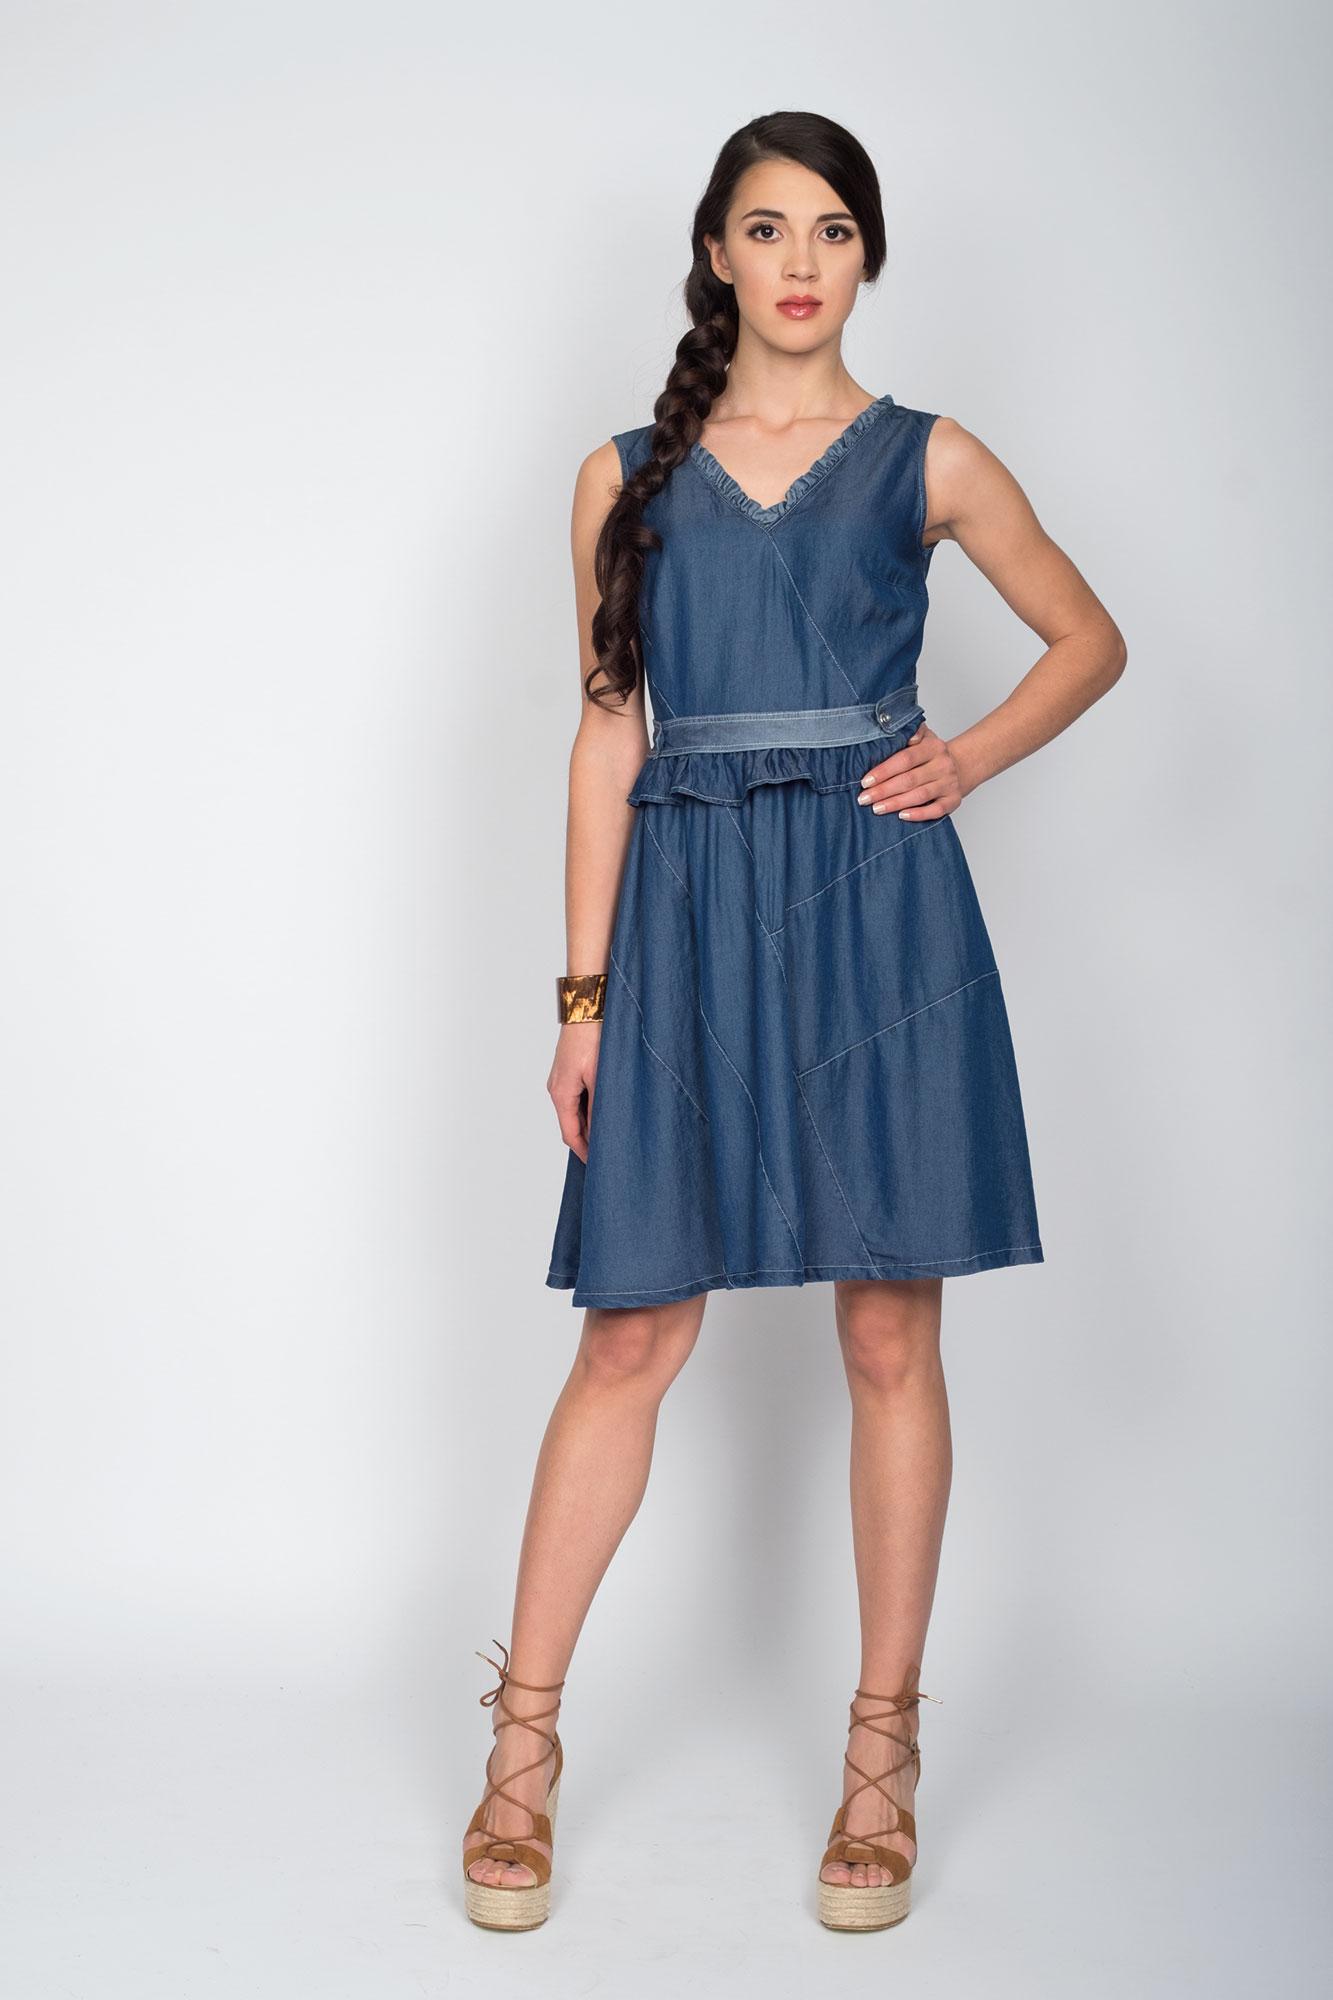 Creative Models - Servizio fotografico abbigliamento moda - 33